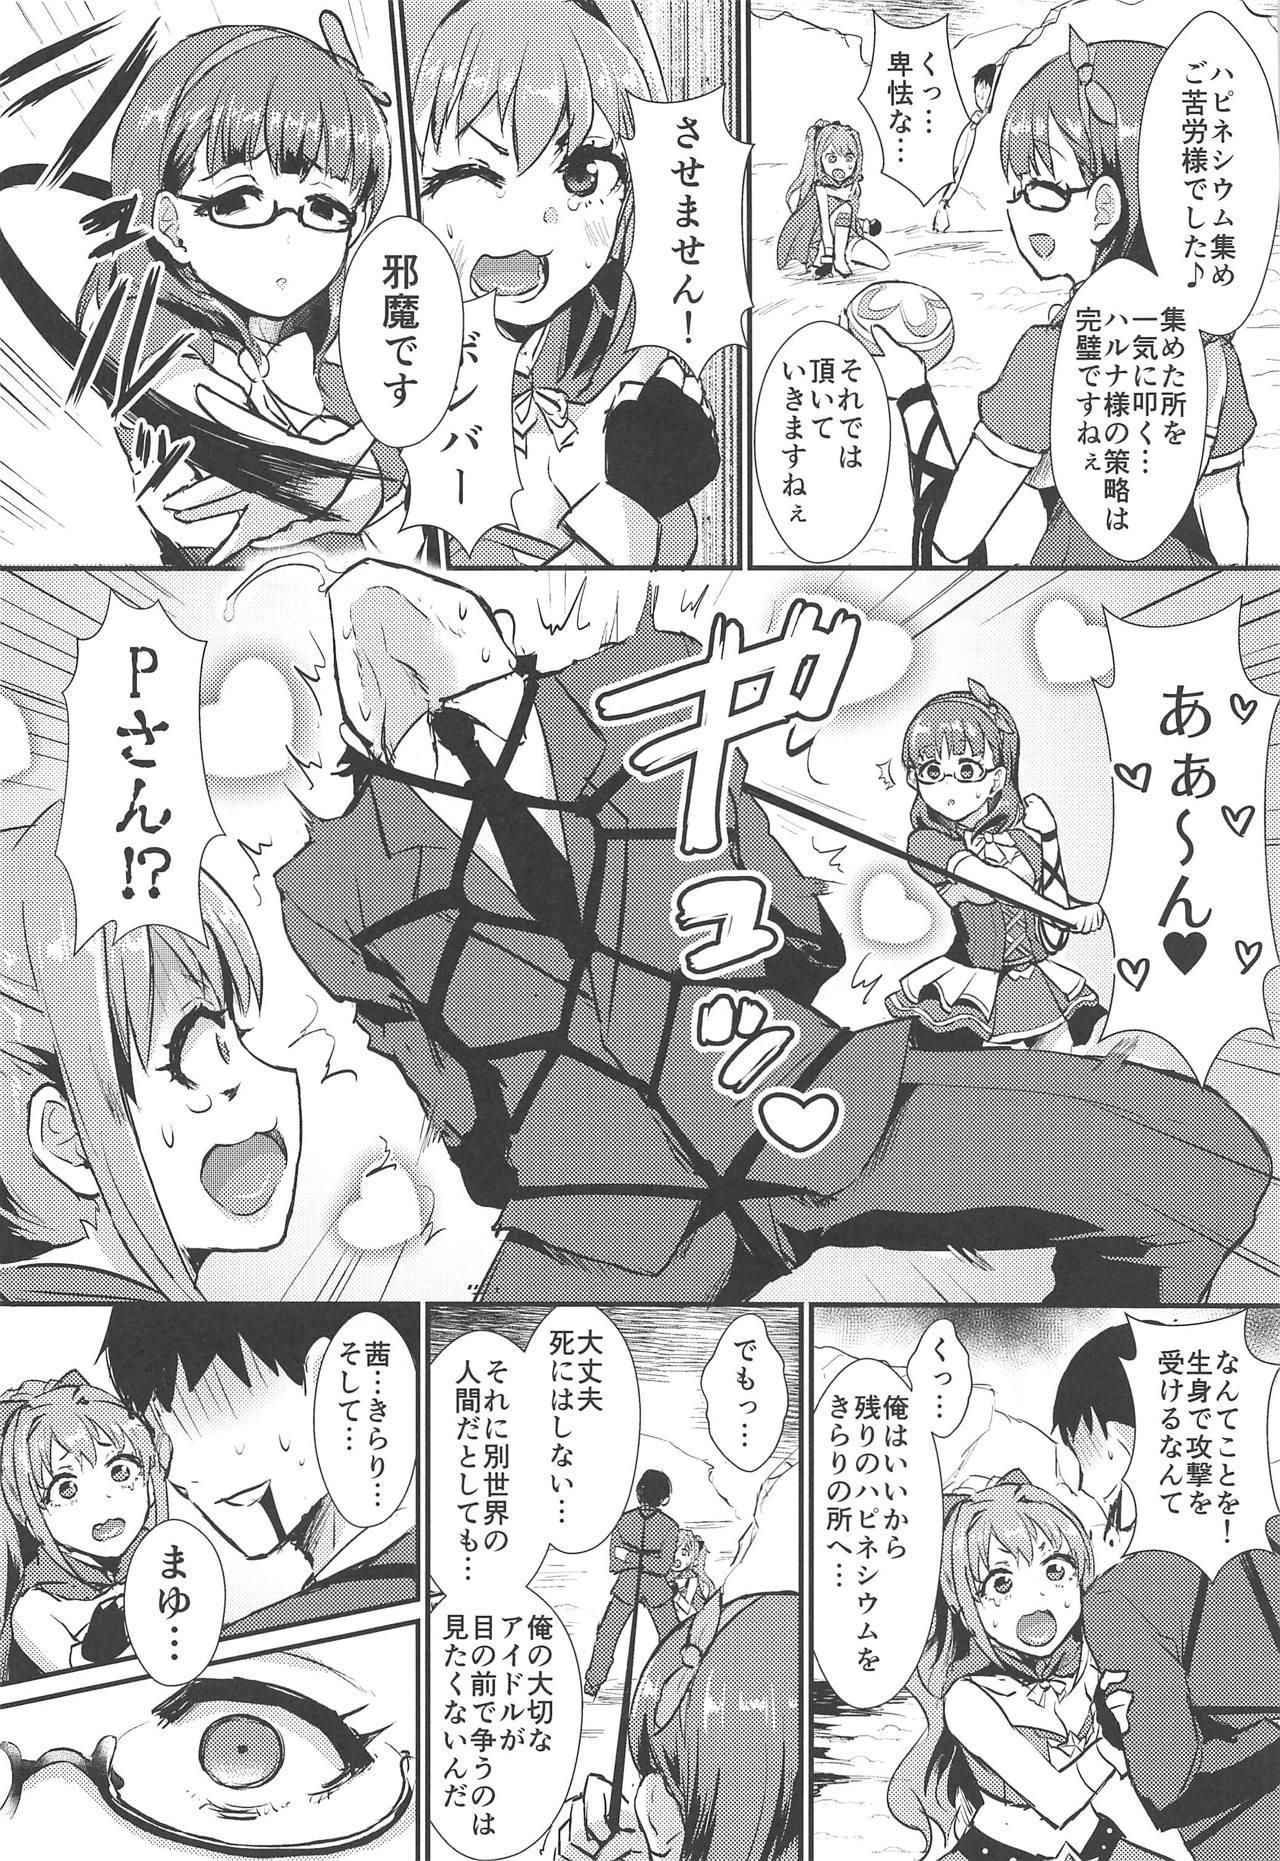 Mayu no Mono wa Mayu no Mono 4